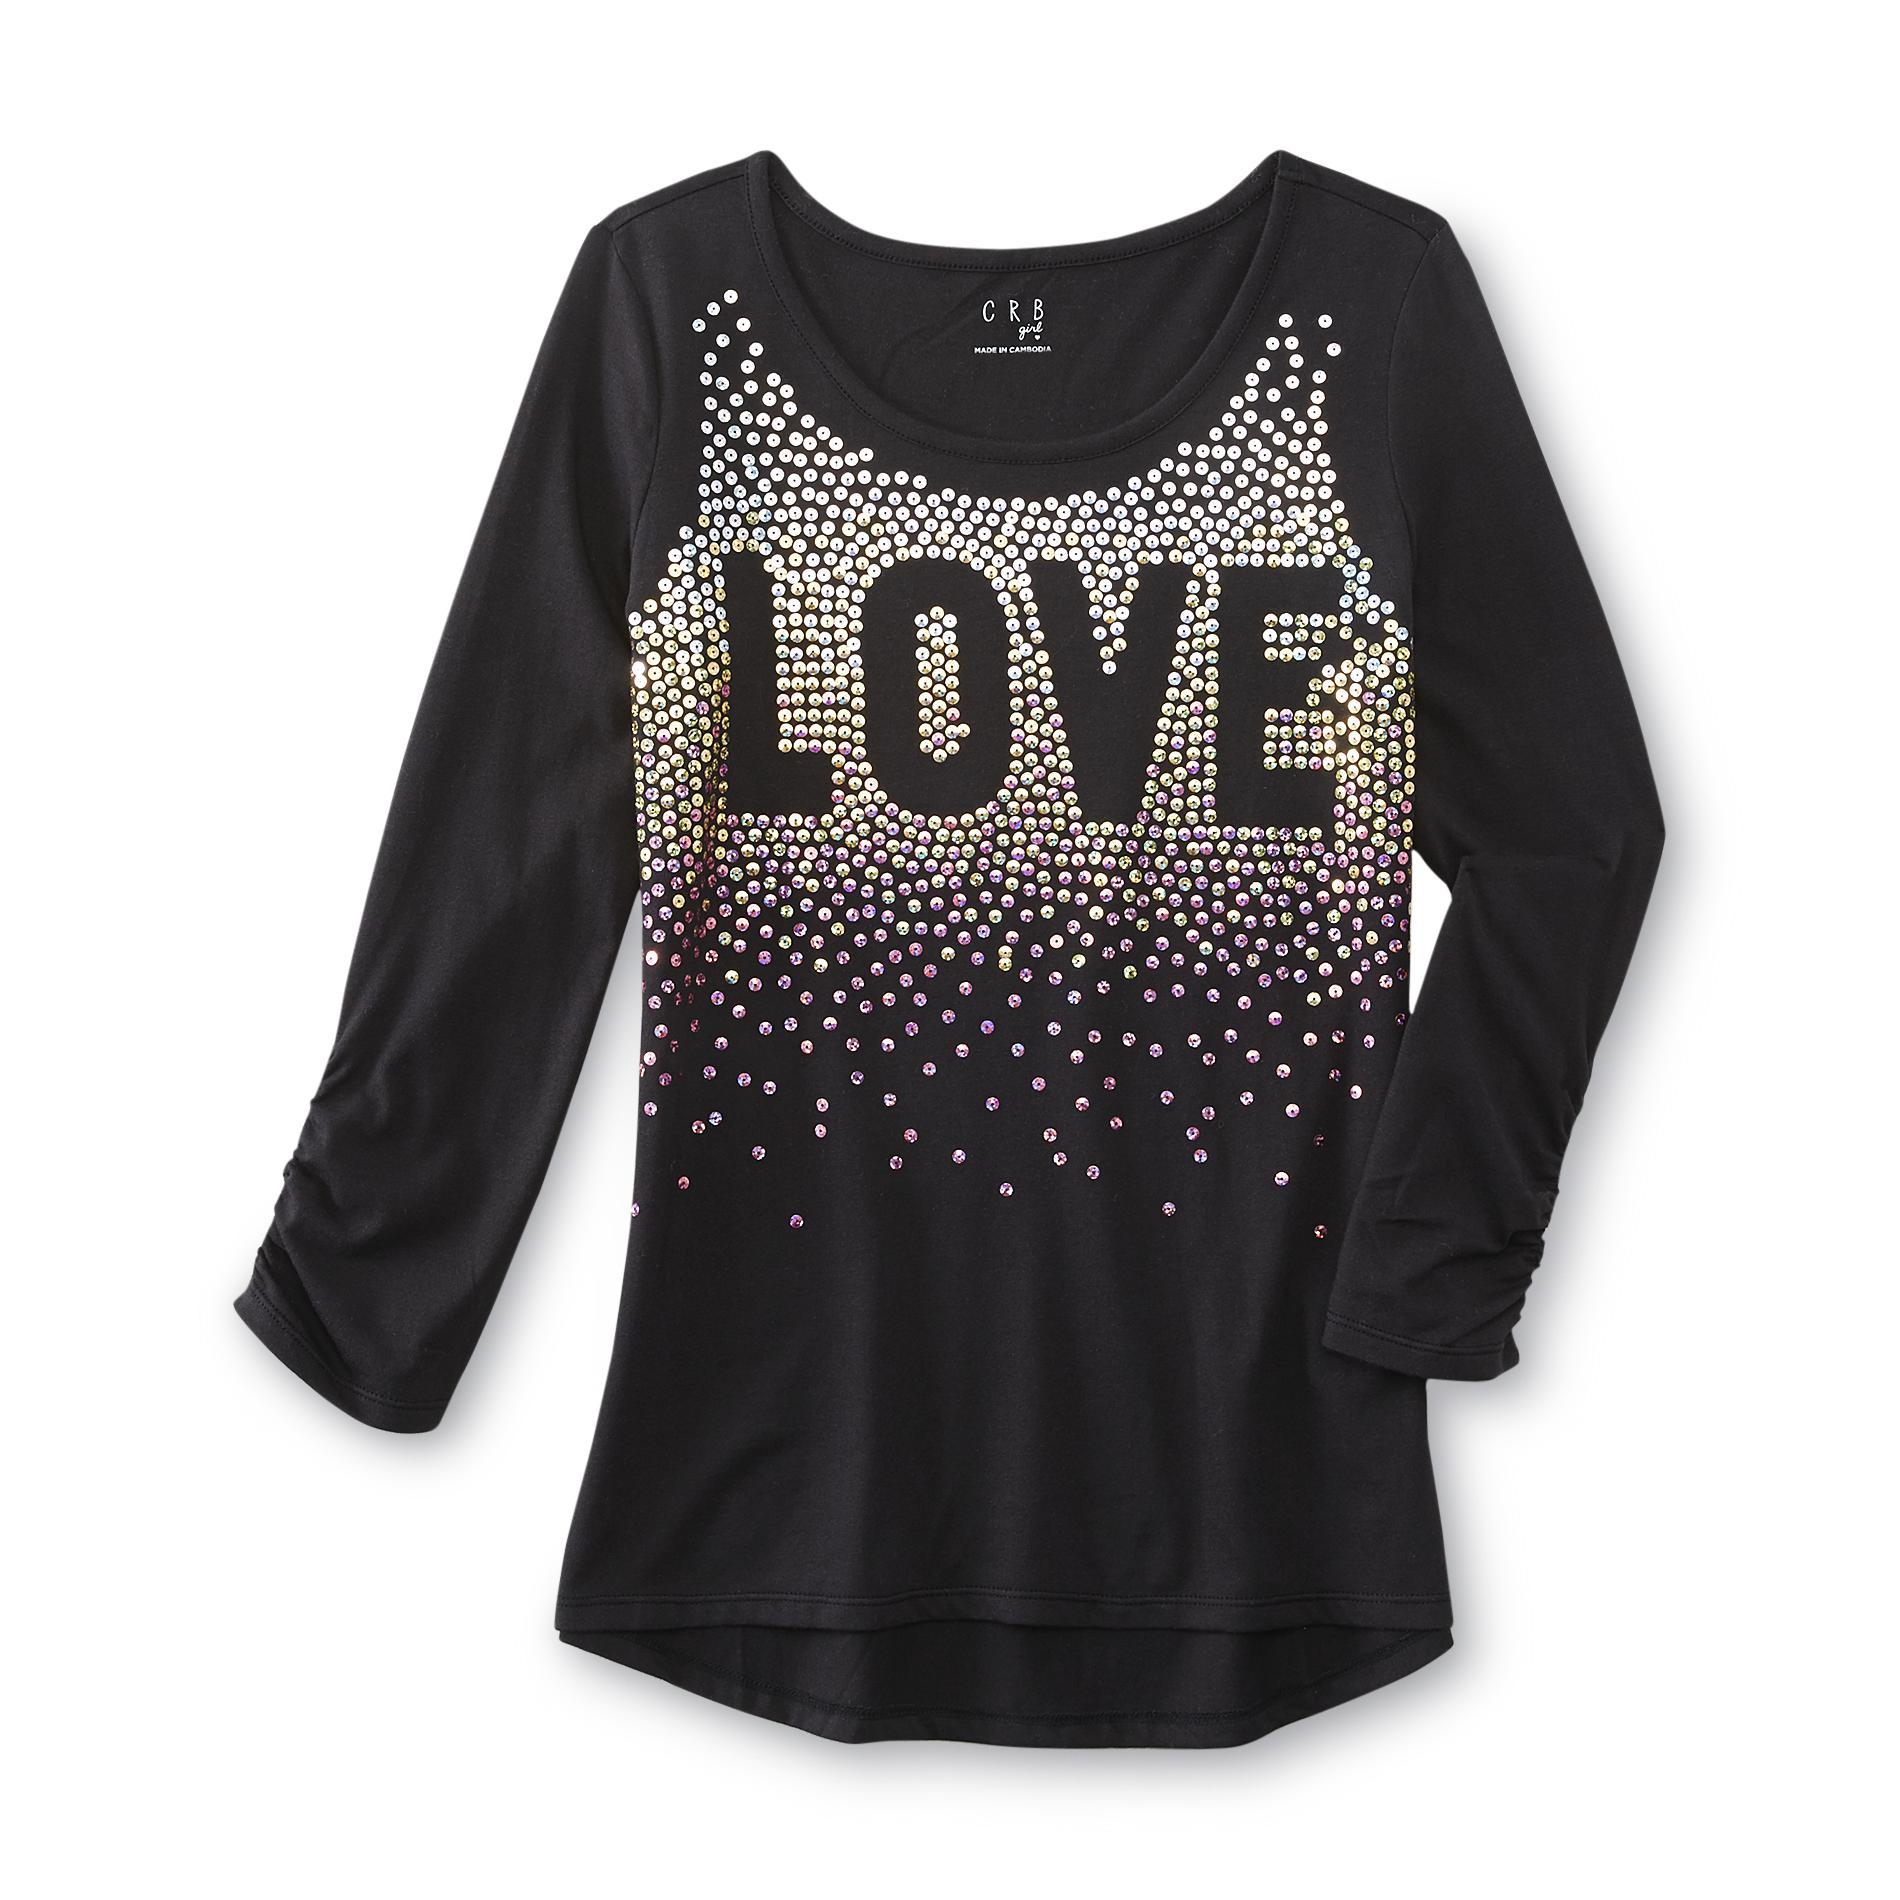 CRB Girl Girl's Long-Sleeve Sequin Shirt - Love